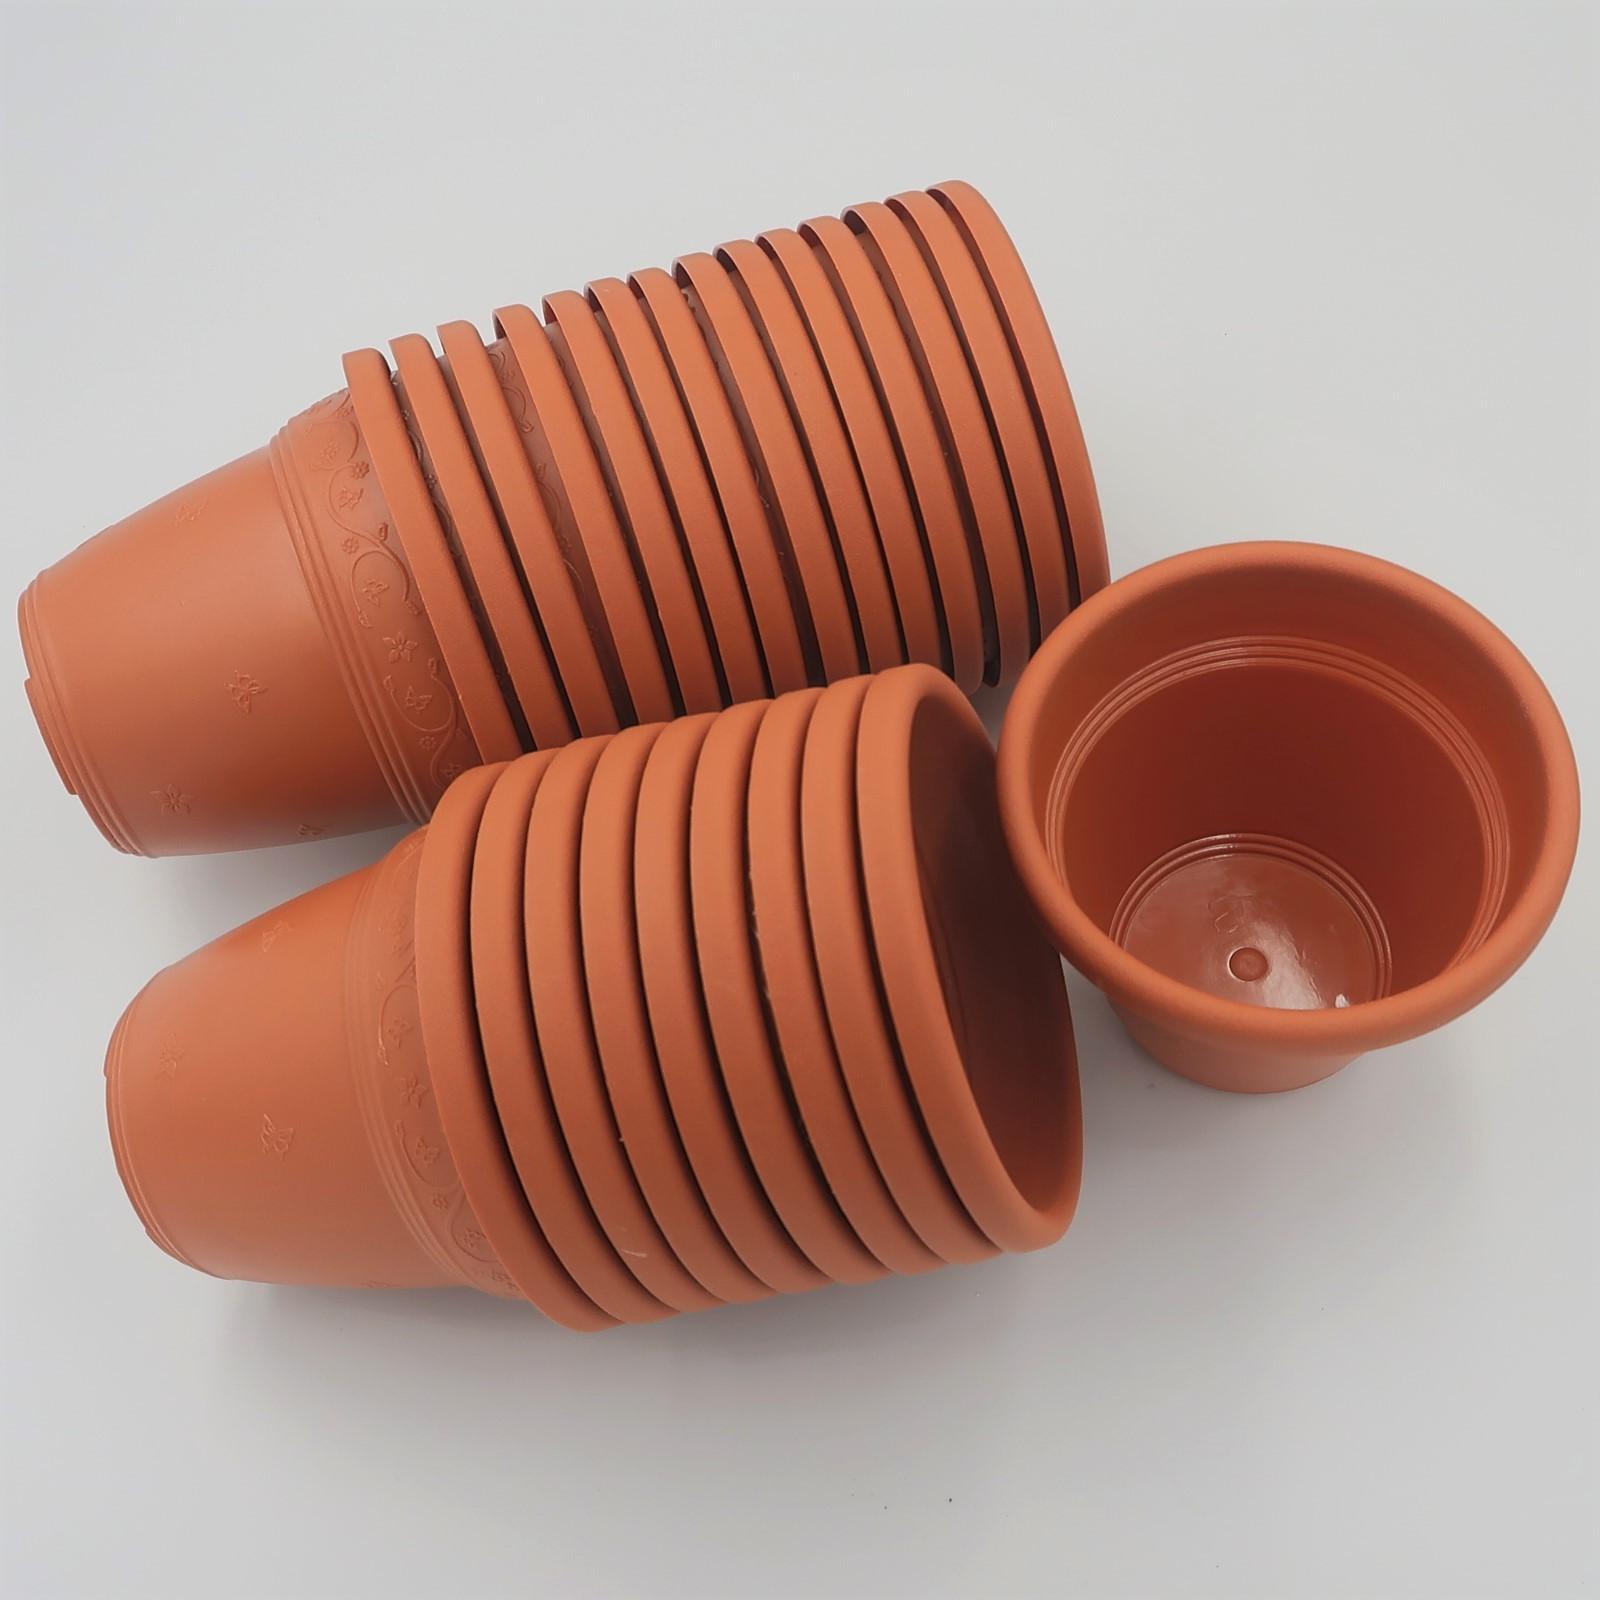 Vaso plástico - vicenza - ceramica - 10 x 13 cm - Kit 24 unid